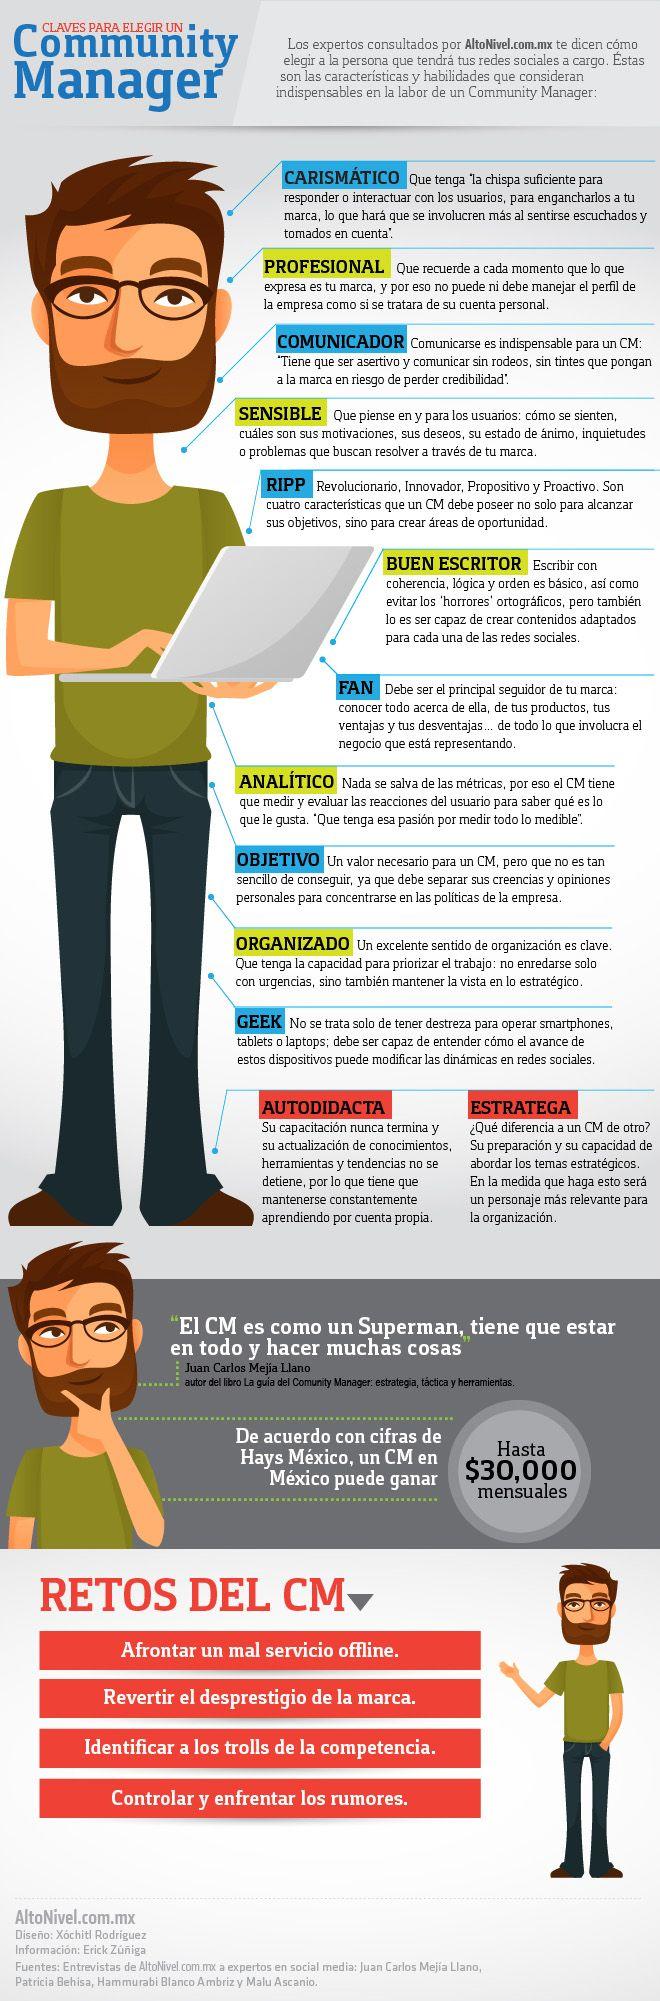 Claves para elegir un #CommunityManager. #Infografía en español